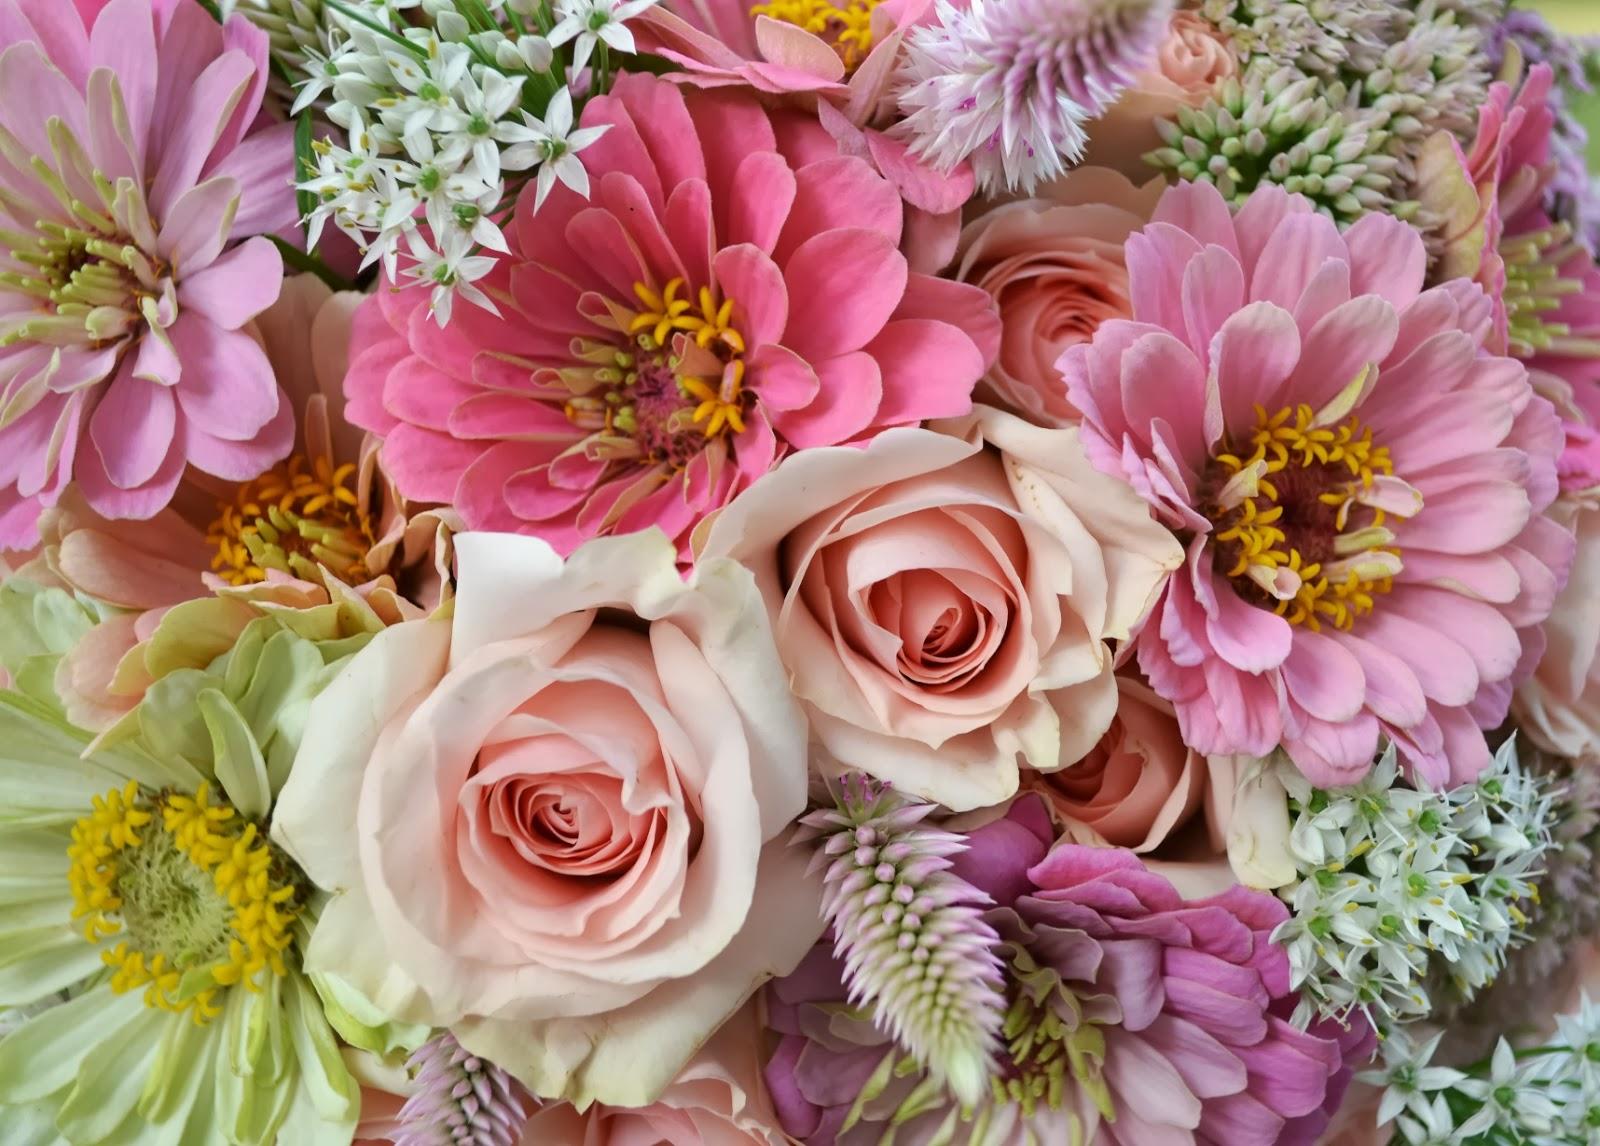 Wedding Flowers From Springwell: September 2013